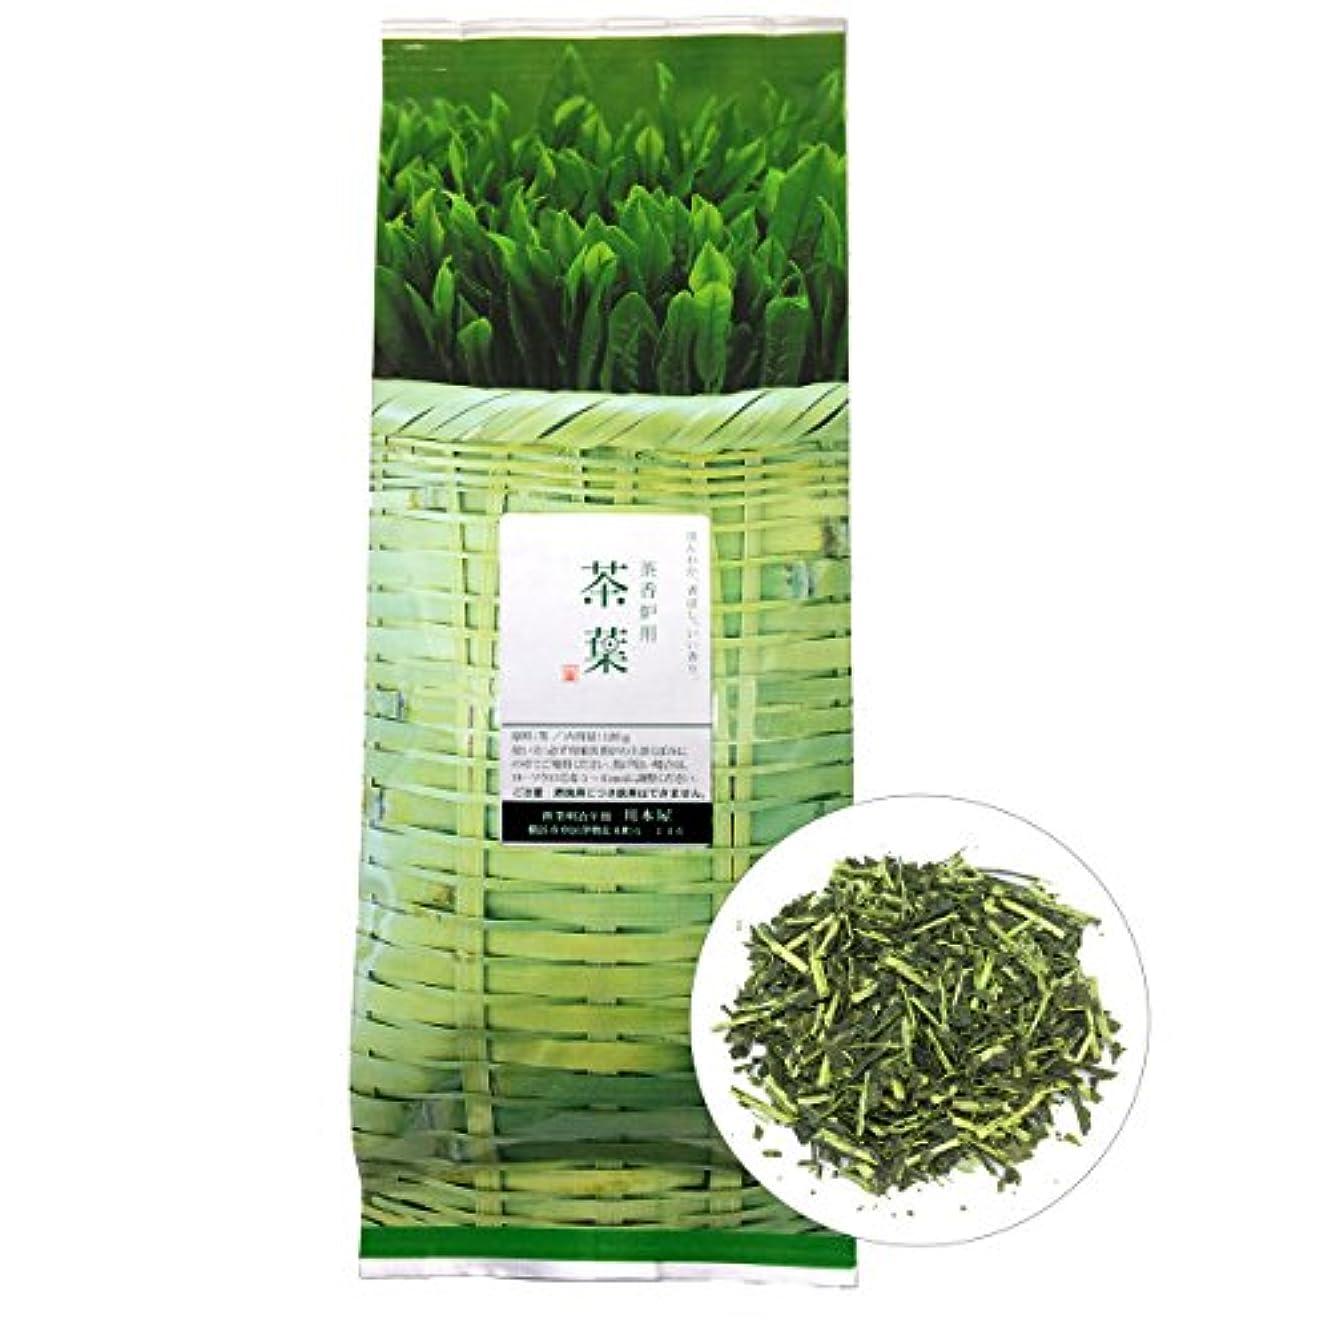 アレキサンダーグラハムベルクレジットカポック国産 茶香炉専用 茶葉110g (1袋) 川本屋茶舗